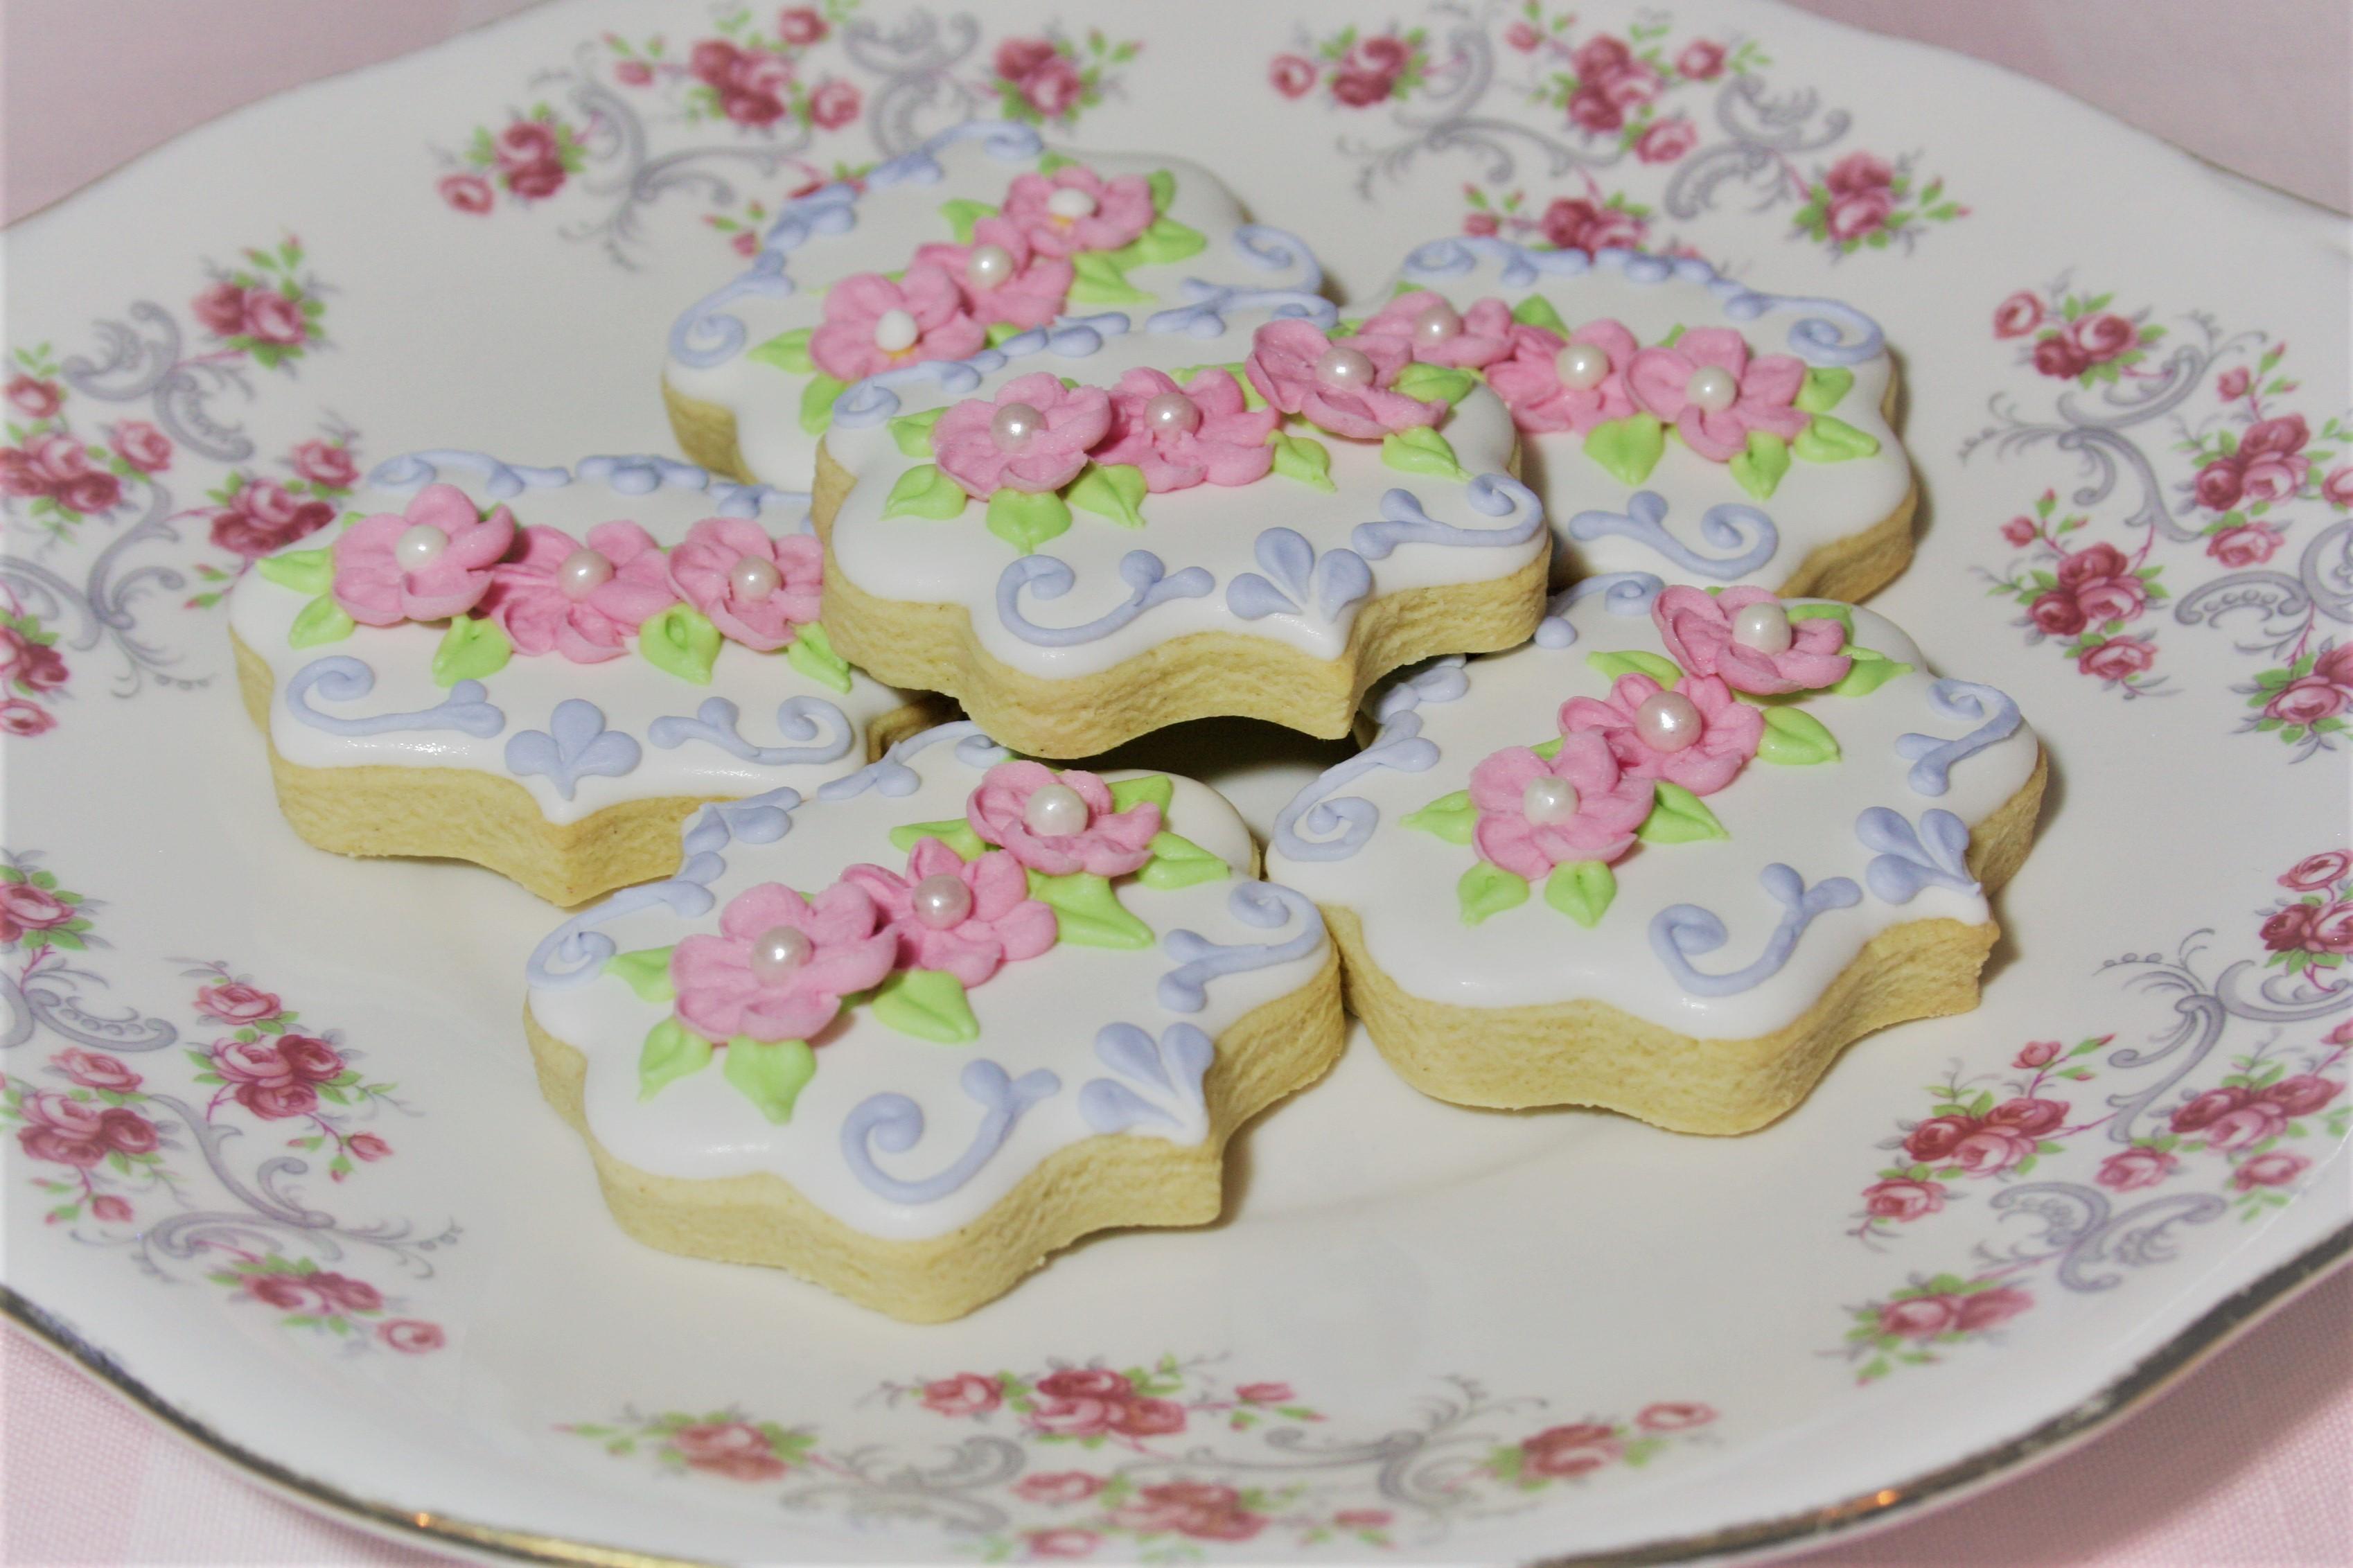 Vintage Floral inspired sugar cookies